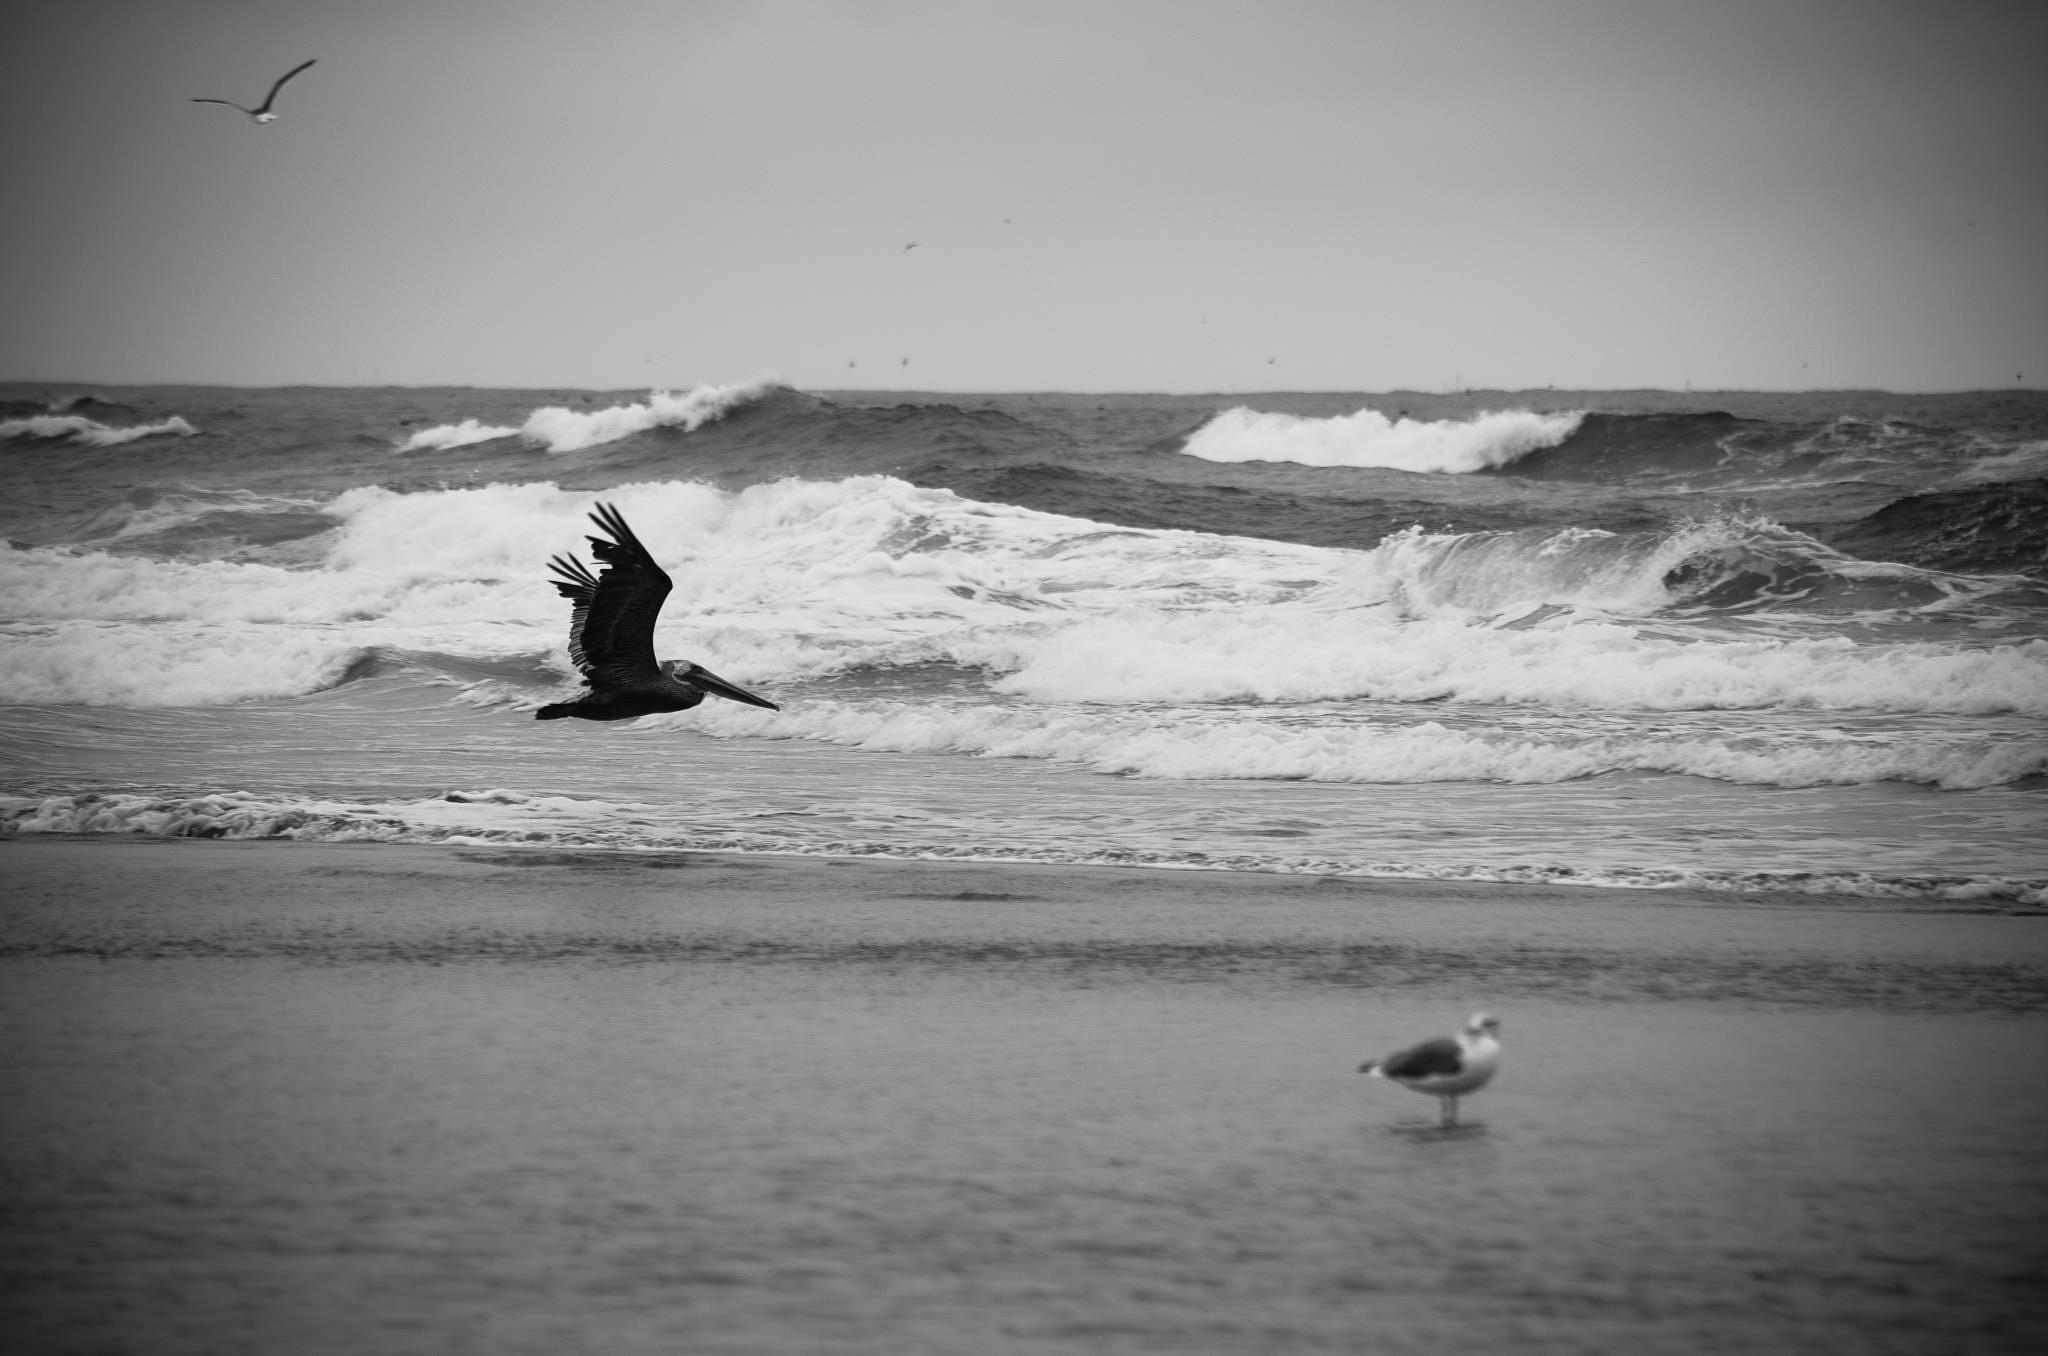 Pelican in flight by nicki.jennings